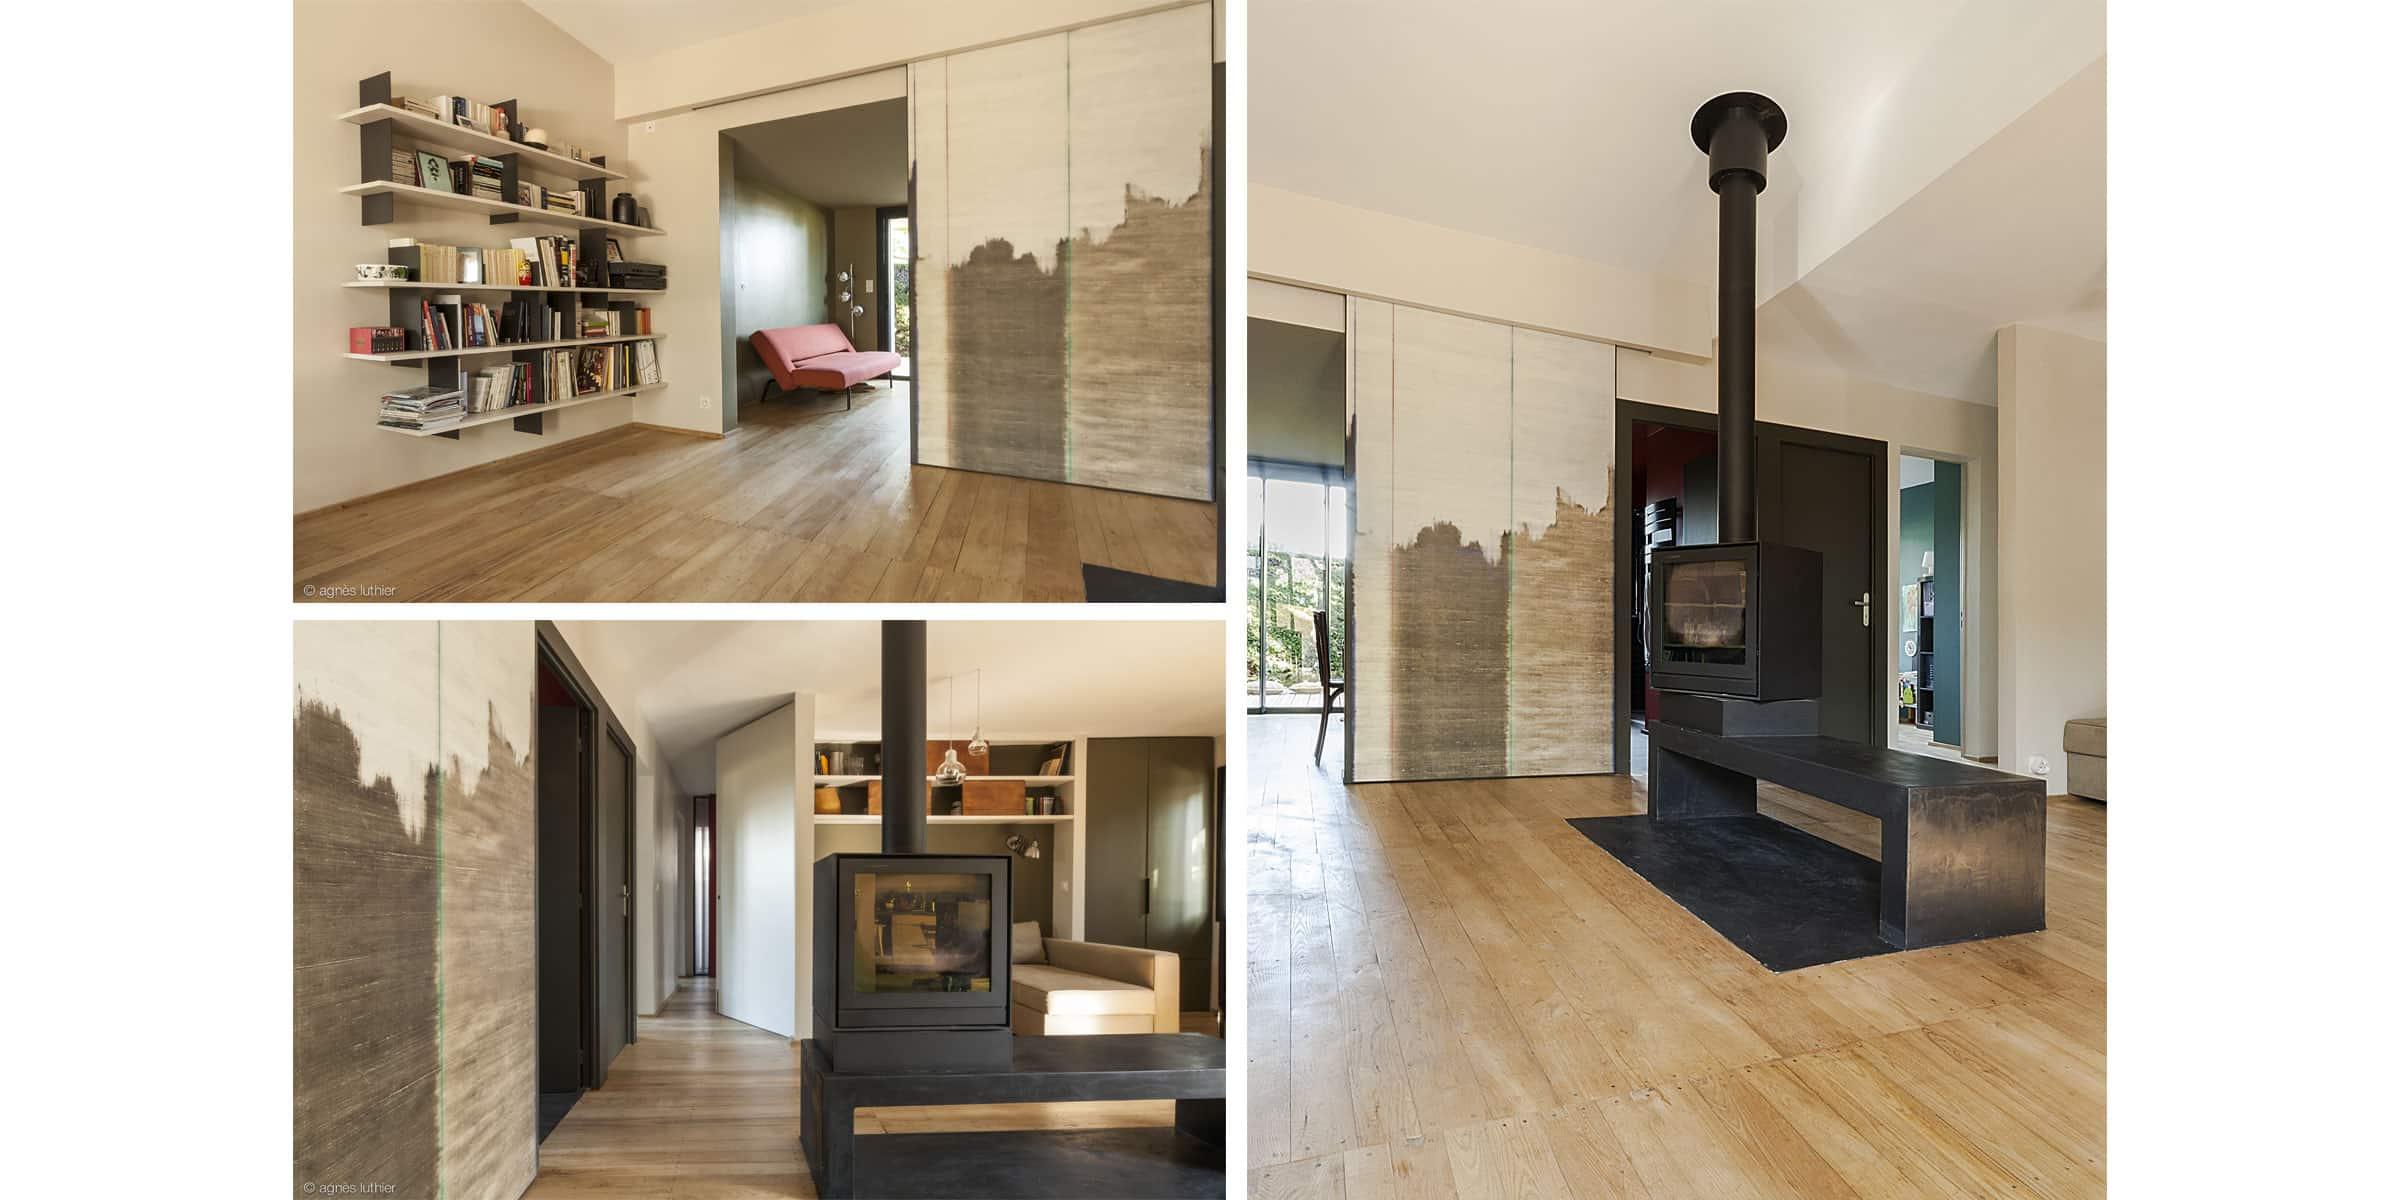 d coratrice d 39 int rieur montpellier agn s luthier d coration d 39 int rieur 34. Black Bedroom Furniture Sets. Home Design Ideas